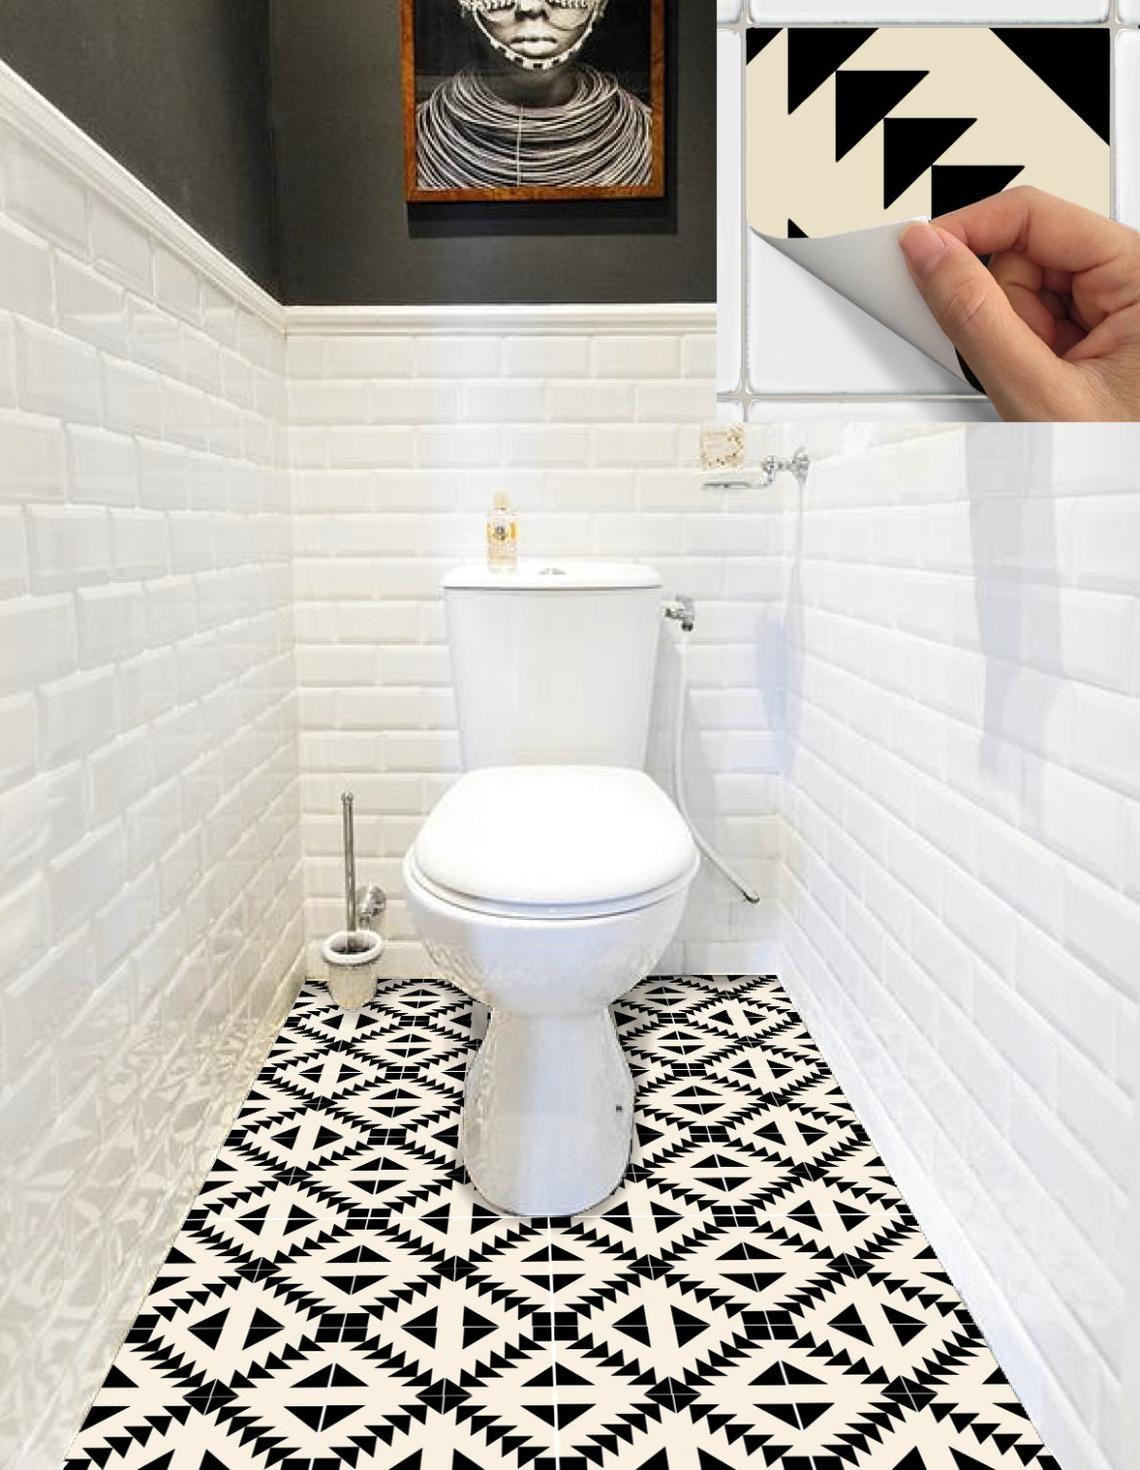 Tile Sticker Kitchen Bath Floor Wall Waterproof Removable Peel N Stick W010beige Tile Stickers Kitchen Wall Waterproofing Bathroom Flooring